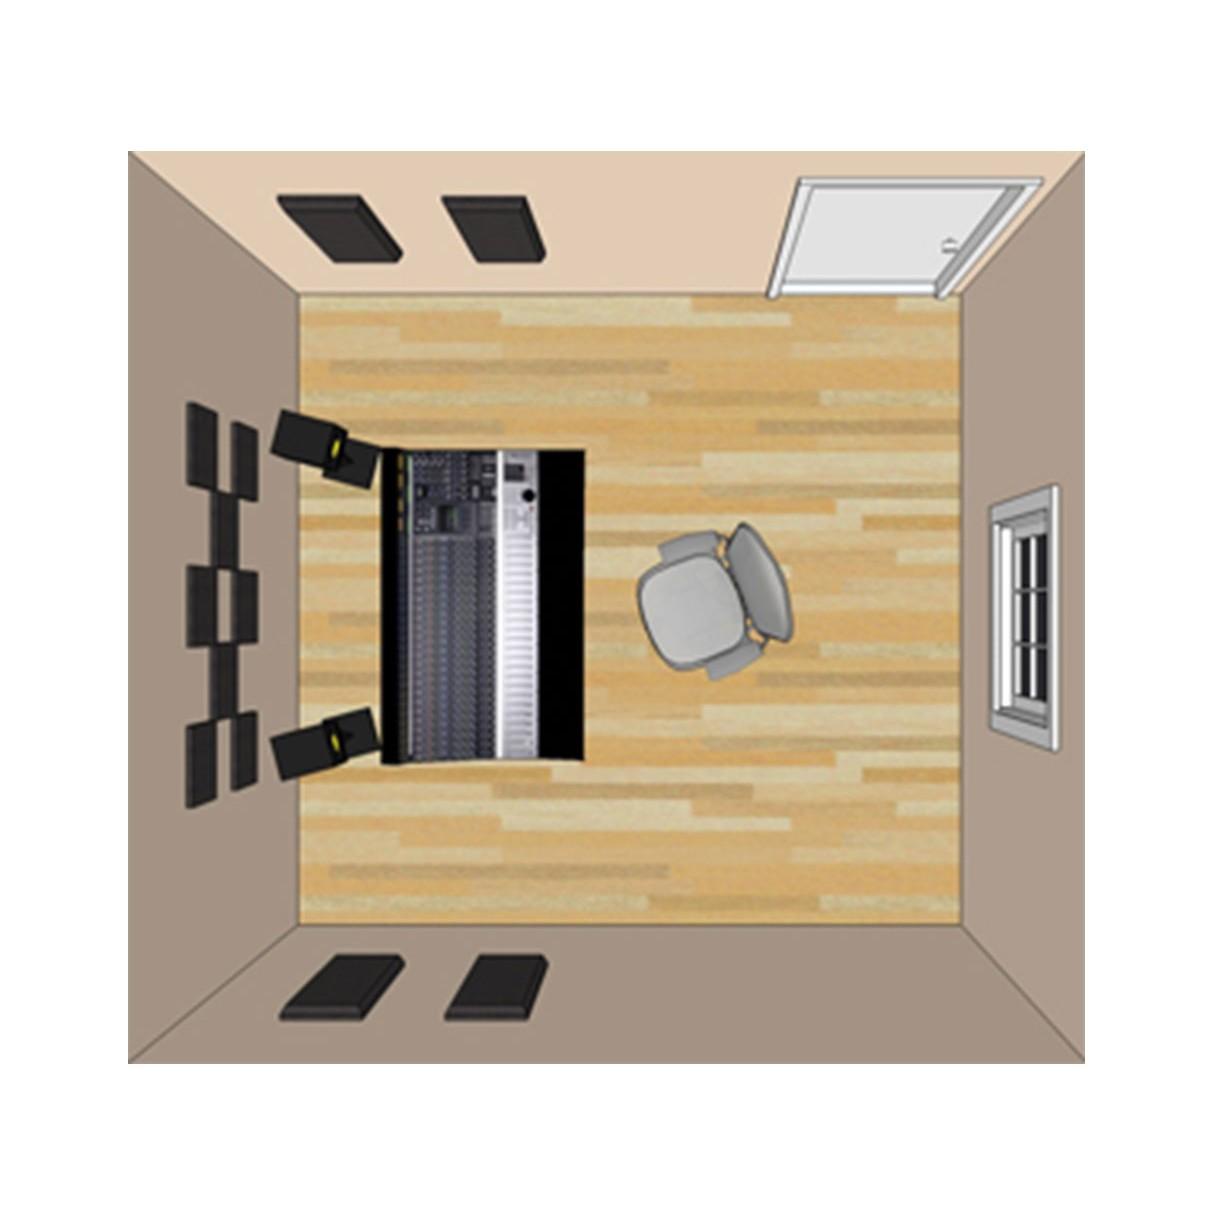 primacoustic london 8 room kit. Black Bedroom Furniture Sets. Home Design Ideas